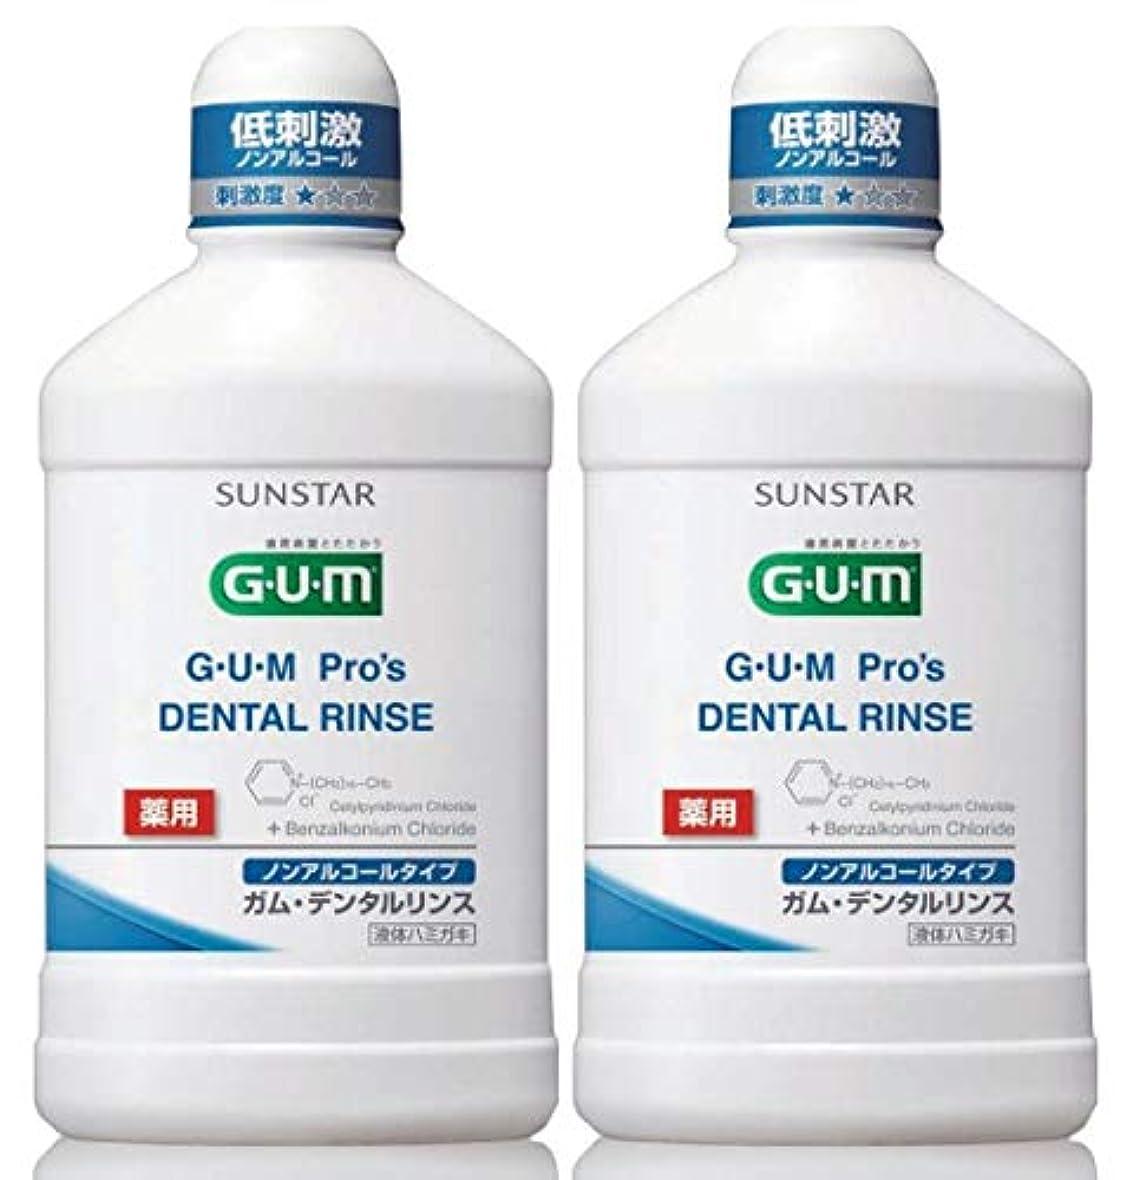 ディベートジレンマから薬用サンスター GUM Pro's デンタルリンス ノンアルコール 1本(500ml) 液体歯磨き× 2本